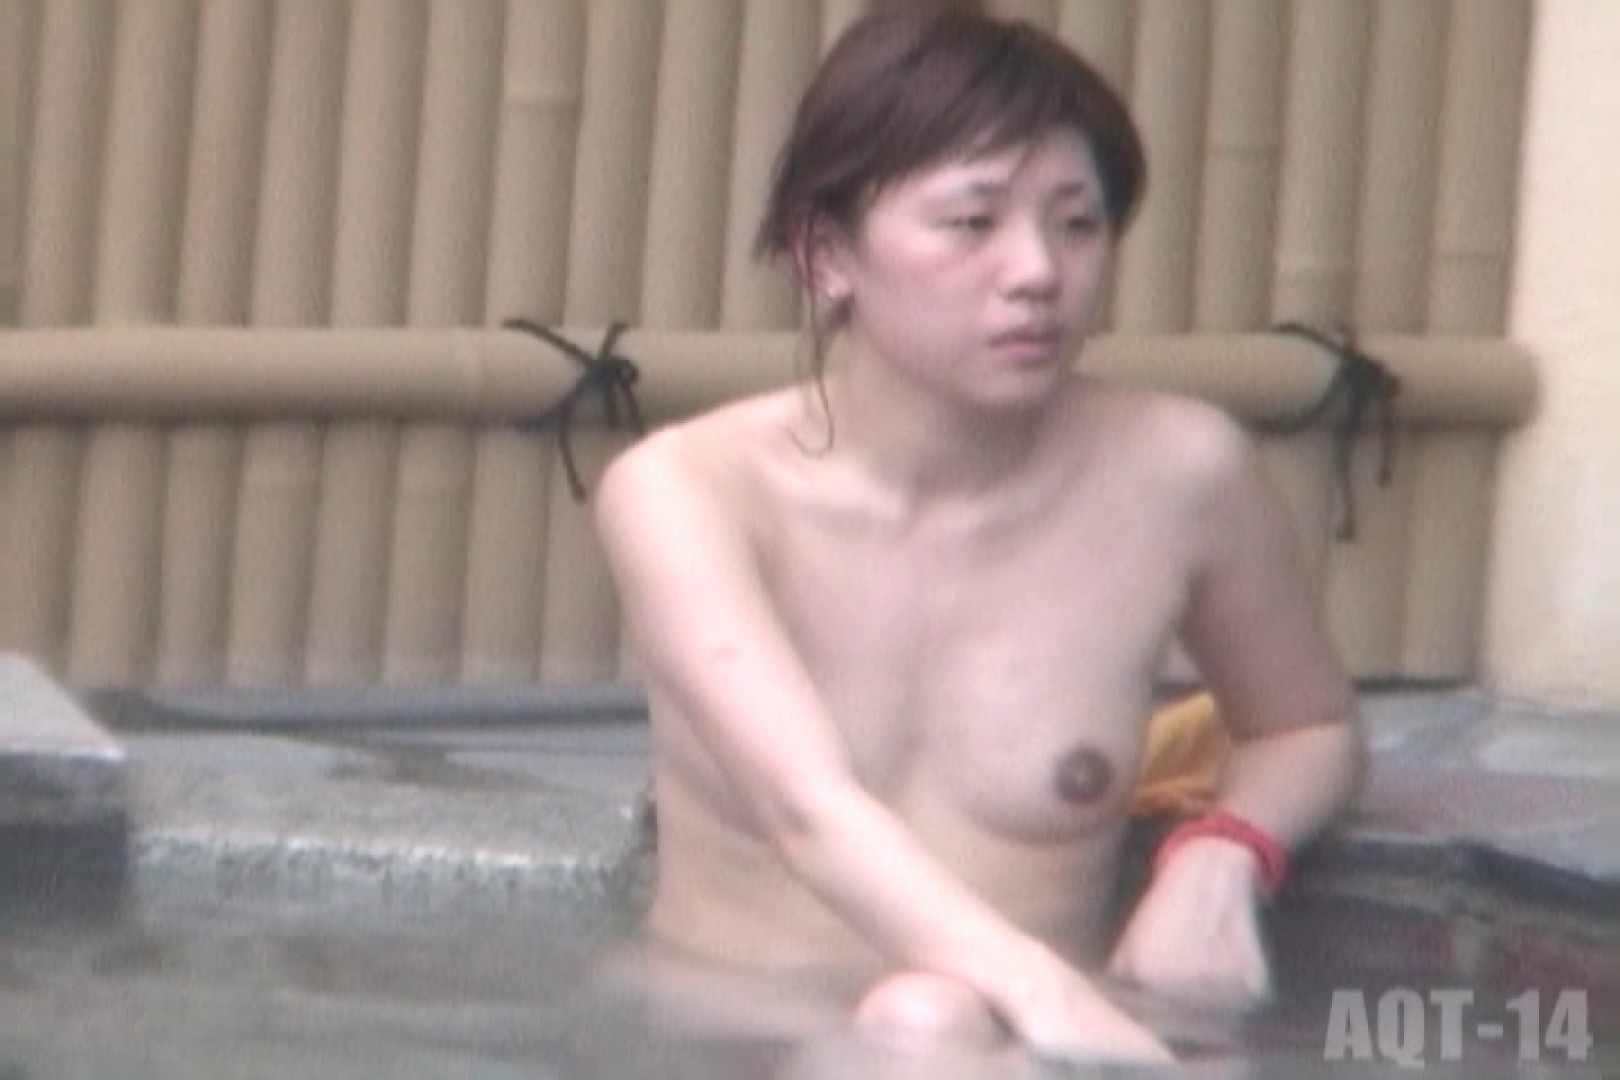 Aquaな露天風呂Vol.822 OLのエロ生活  62連発 48